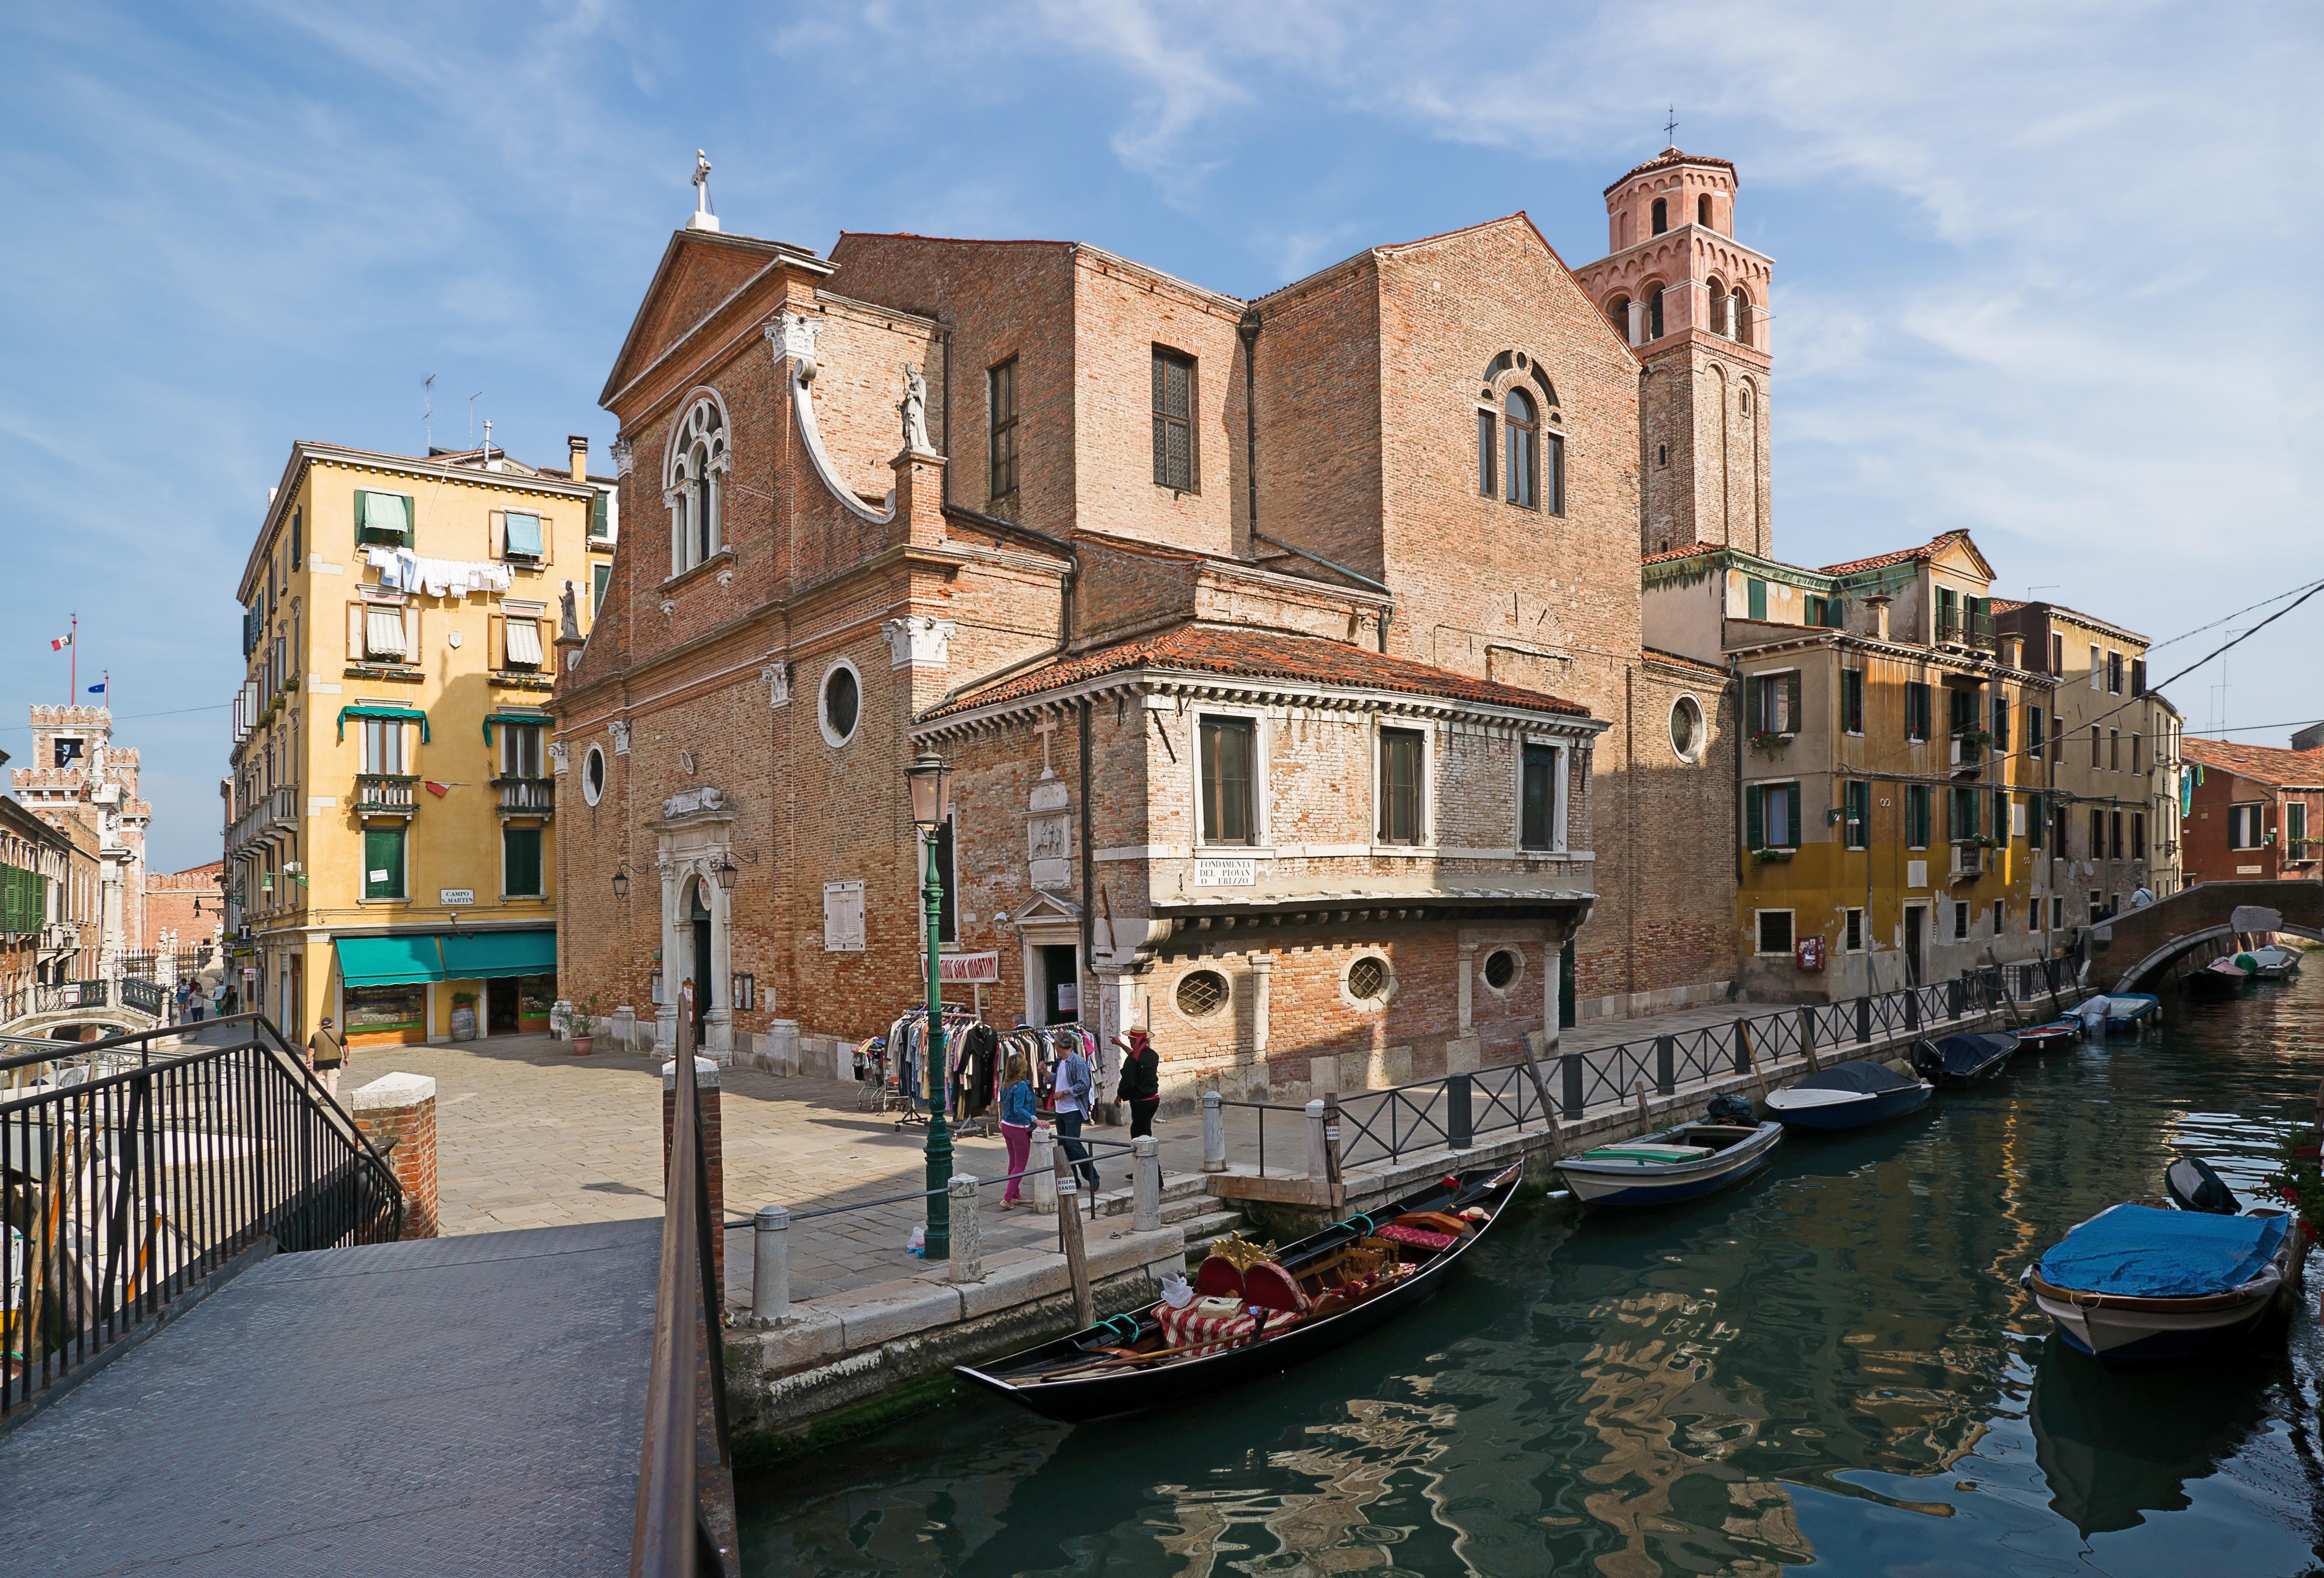 San Martino Venice Wikipedia